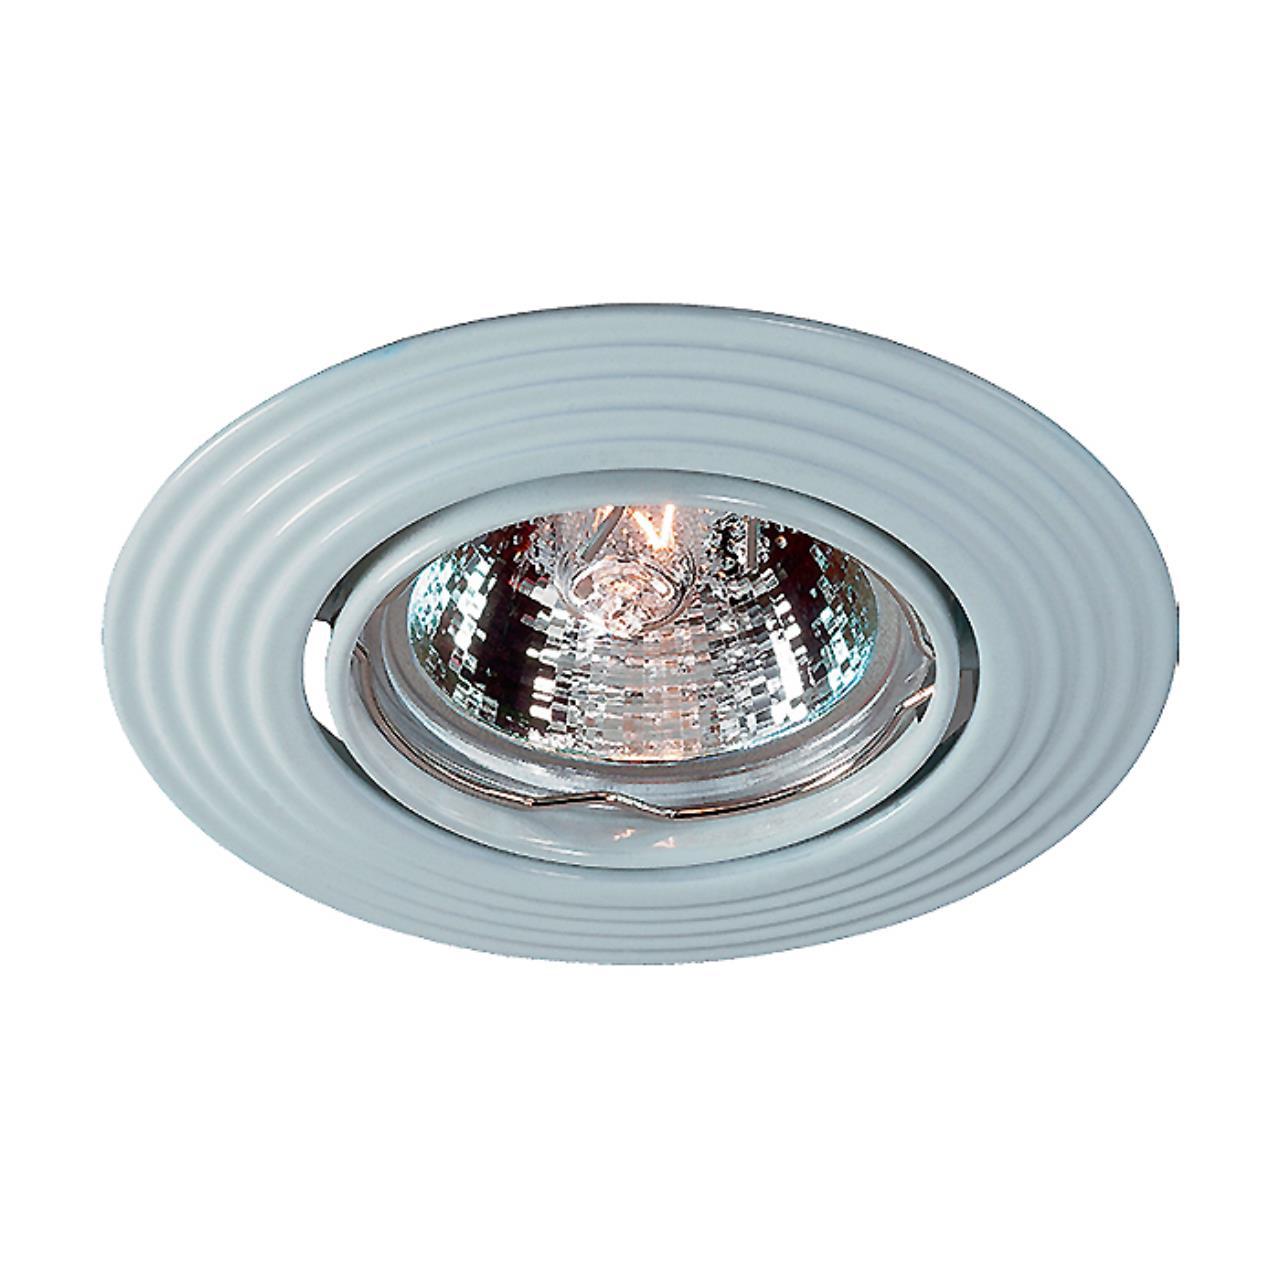 369434 SPOT NT10 137 белый свет Встраиваемый ПВ светильник IP20 GX5.3 50W 12V ANTIC